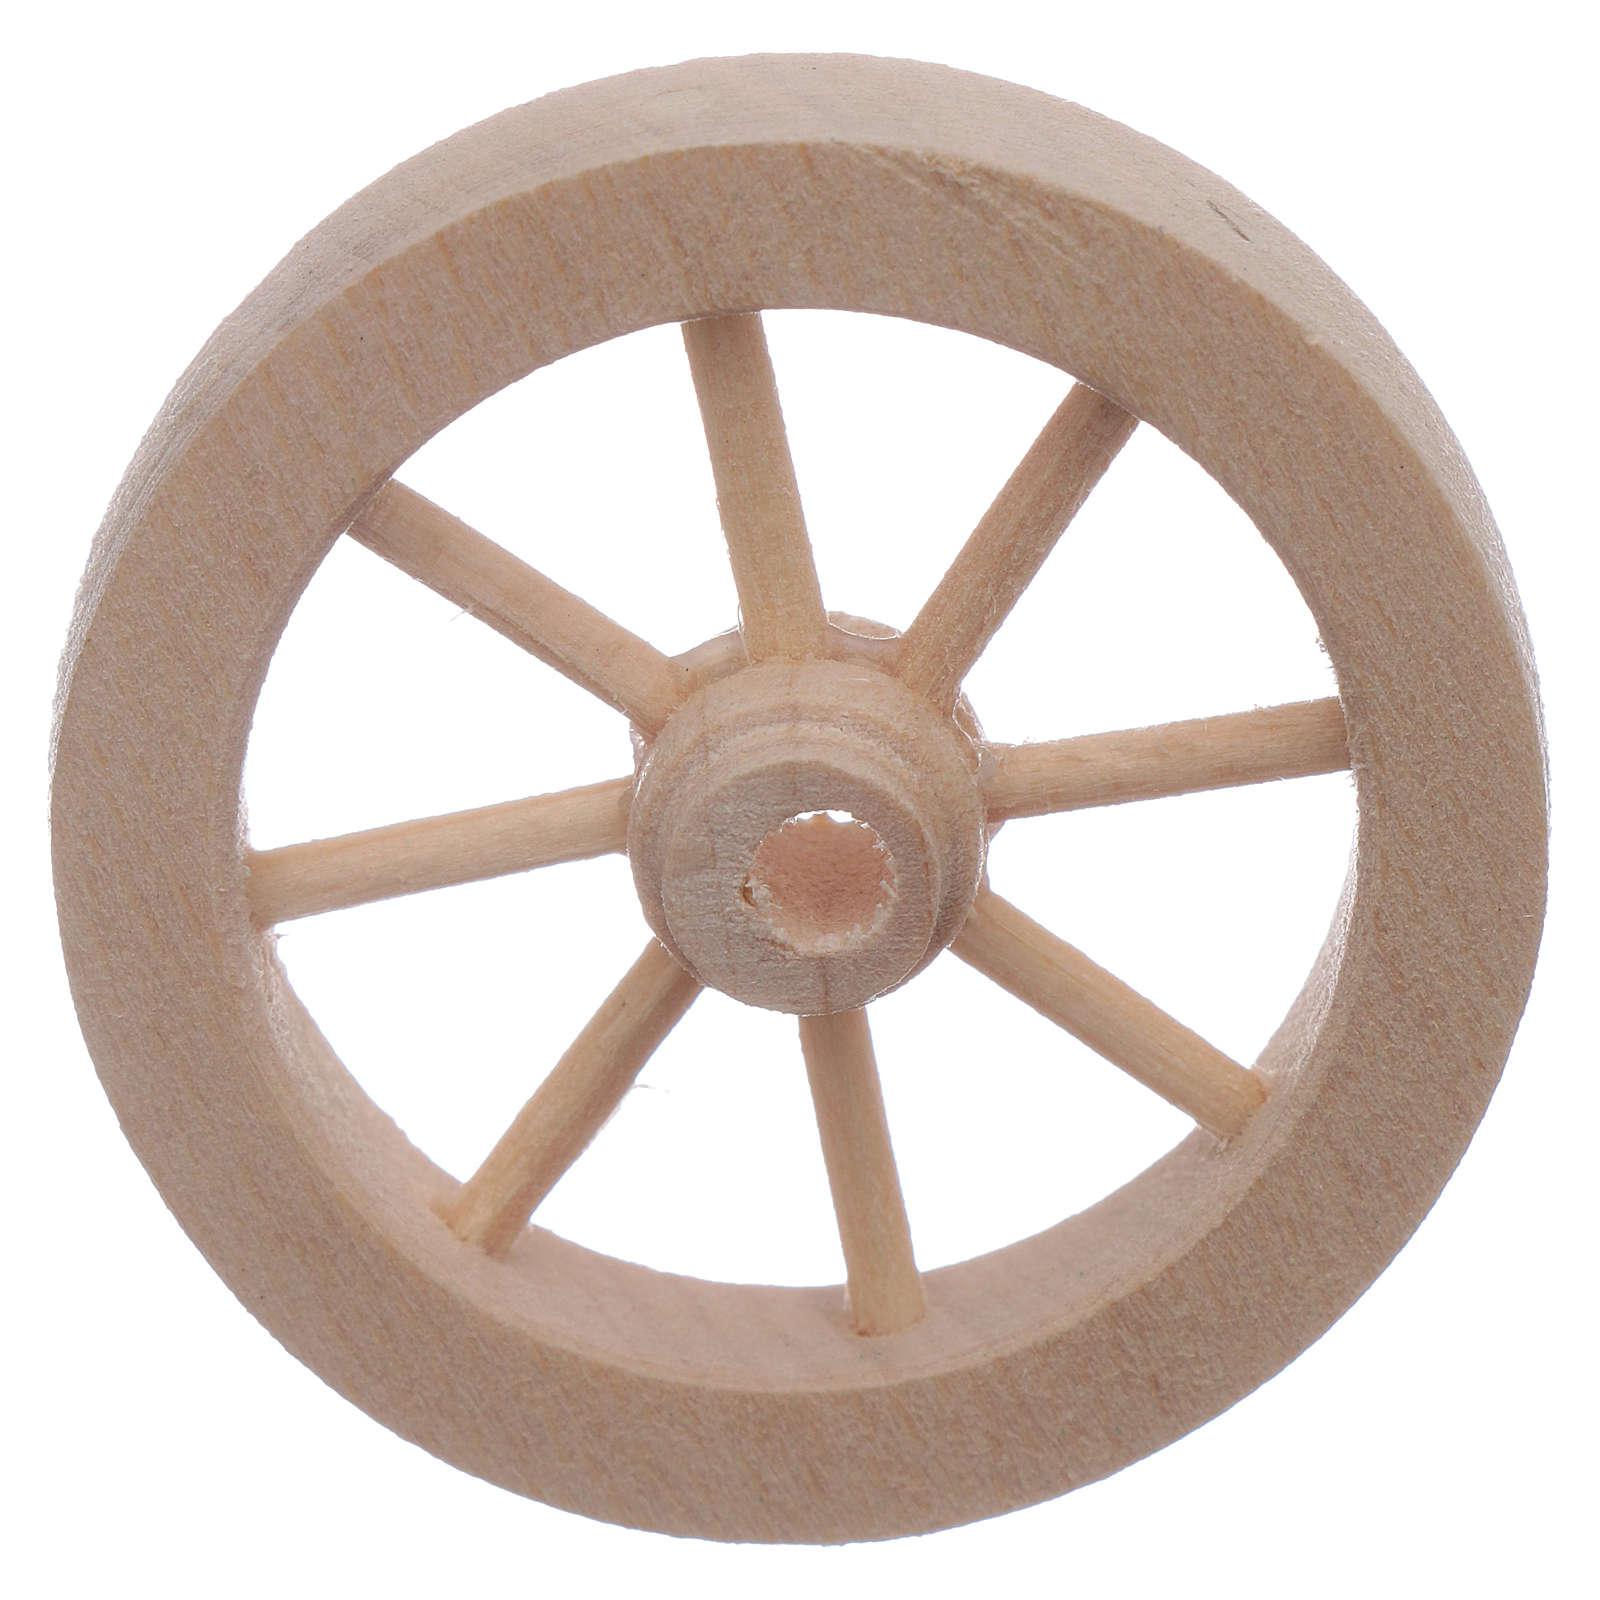 Roue charrette en bois crèche diamètre 4 cm 4